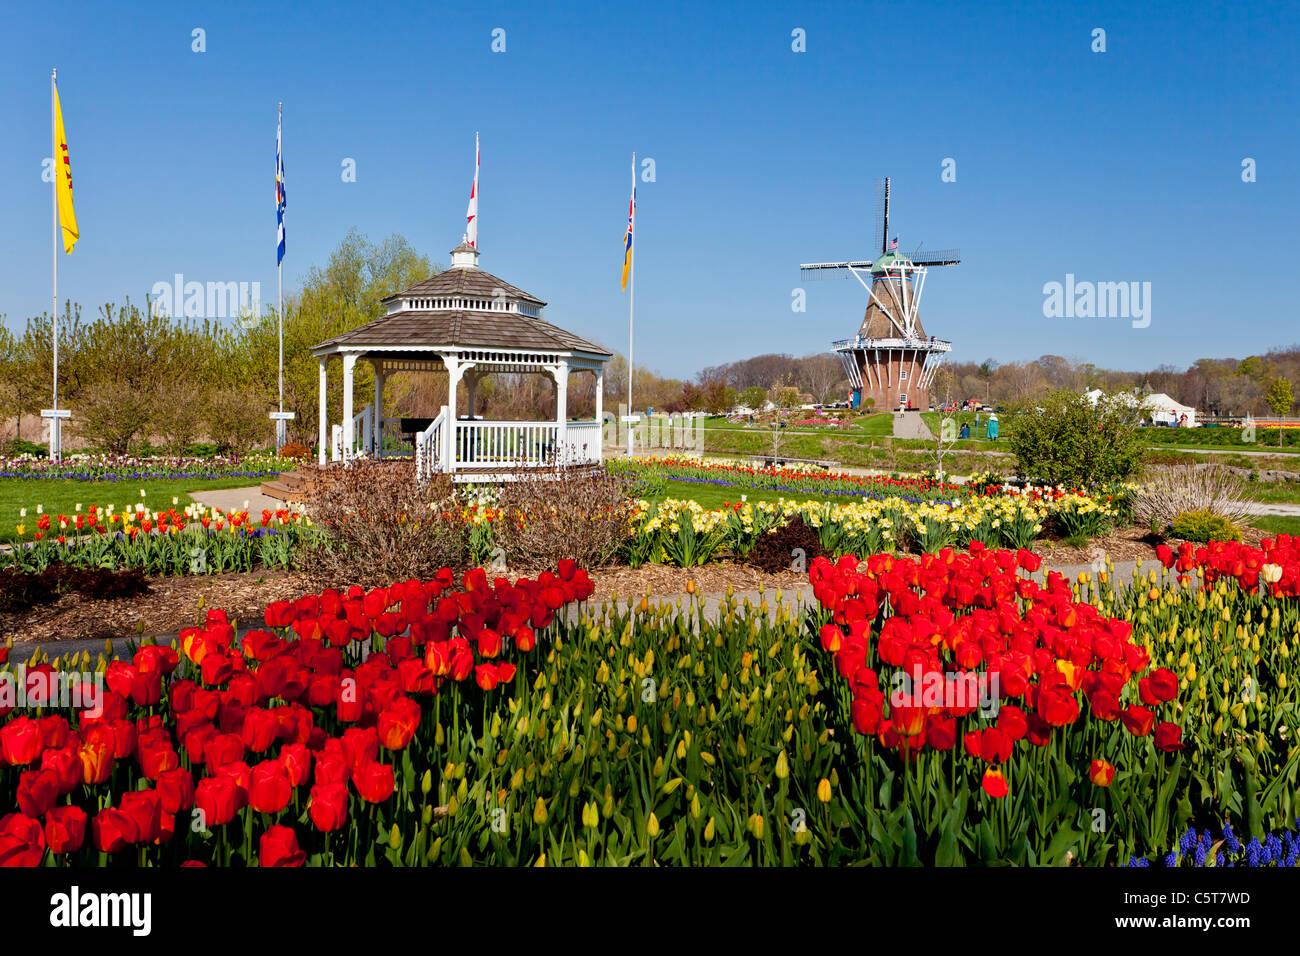 Gazebo Stock Photos Amp Gazebo Stock Images Alamy